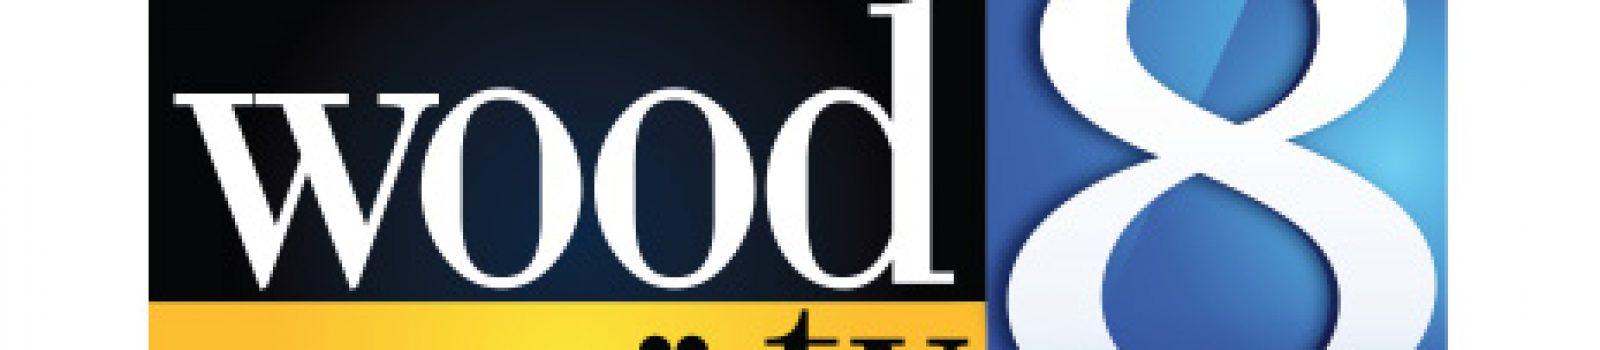 wood-09302016